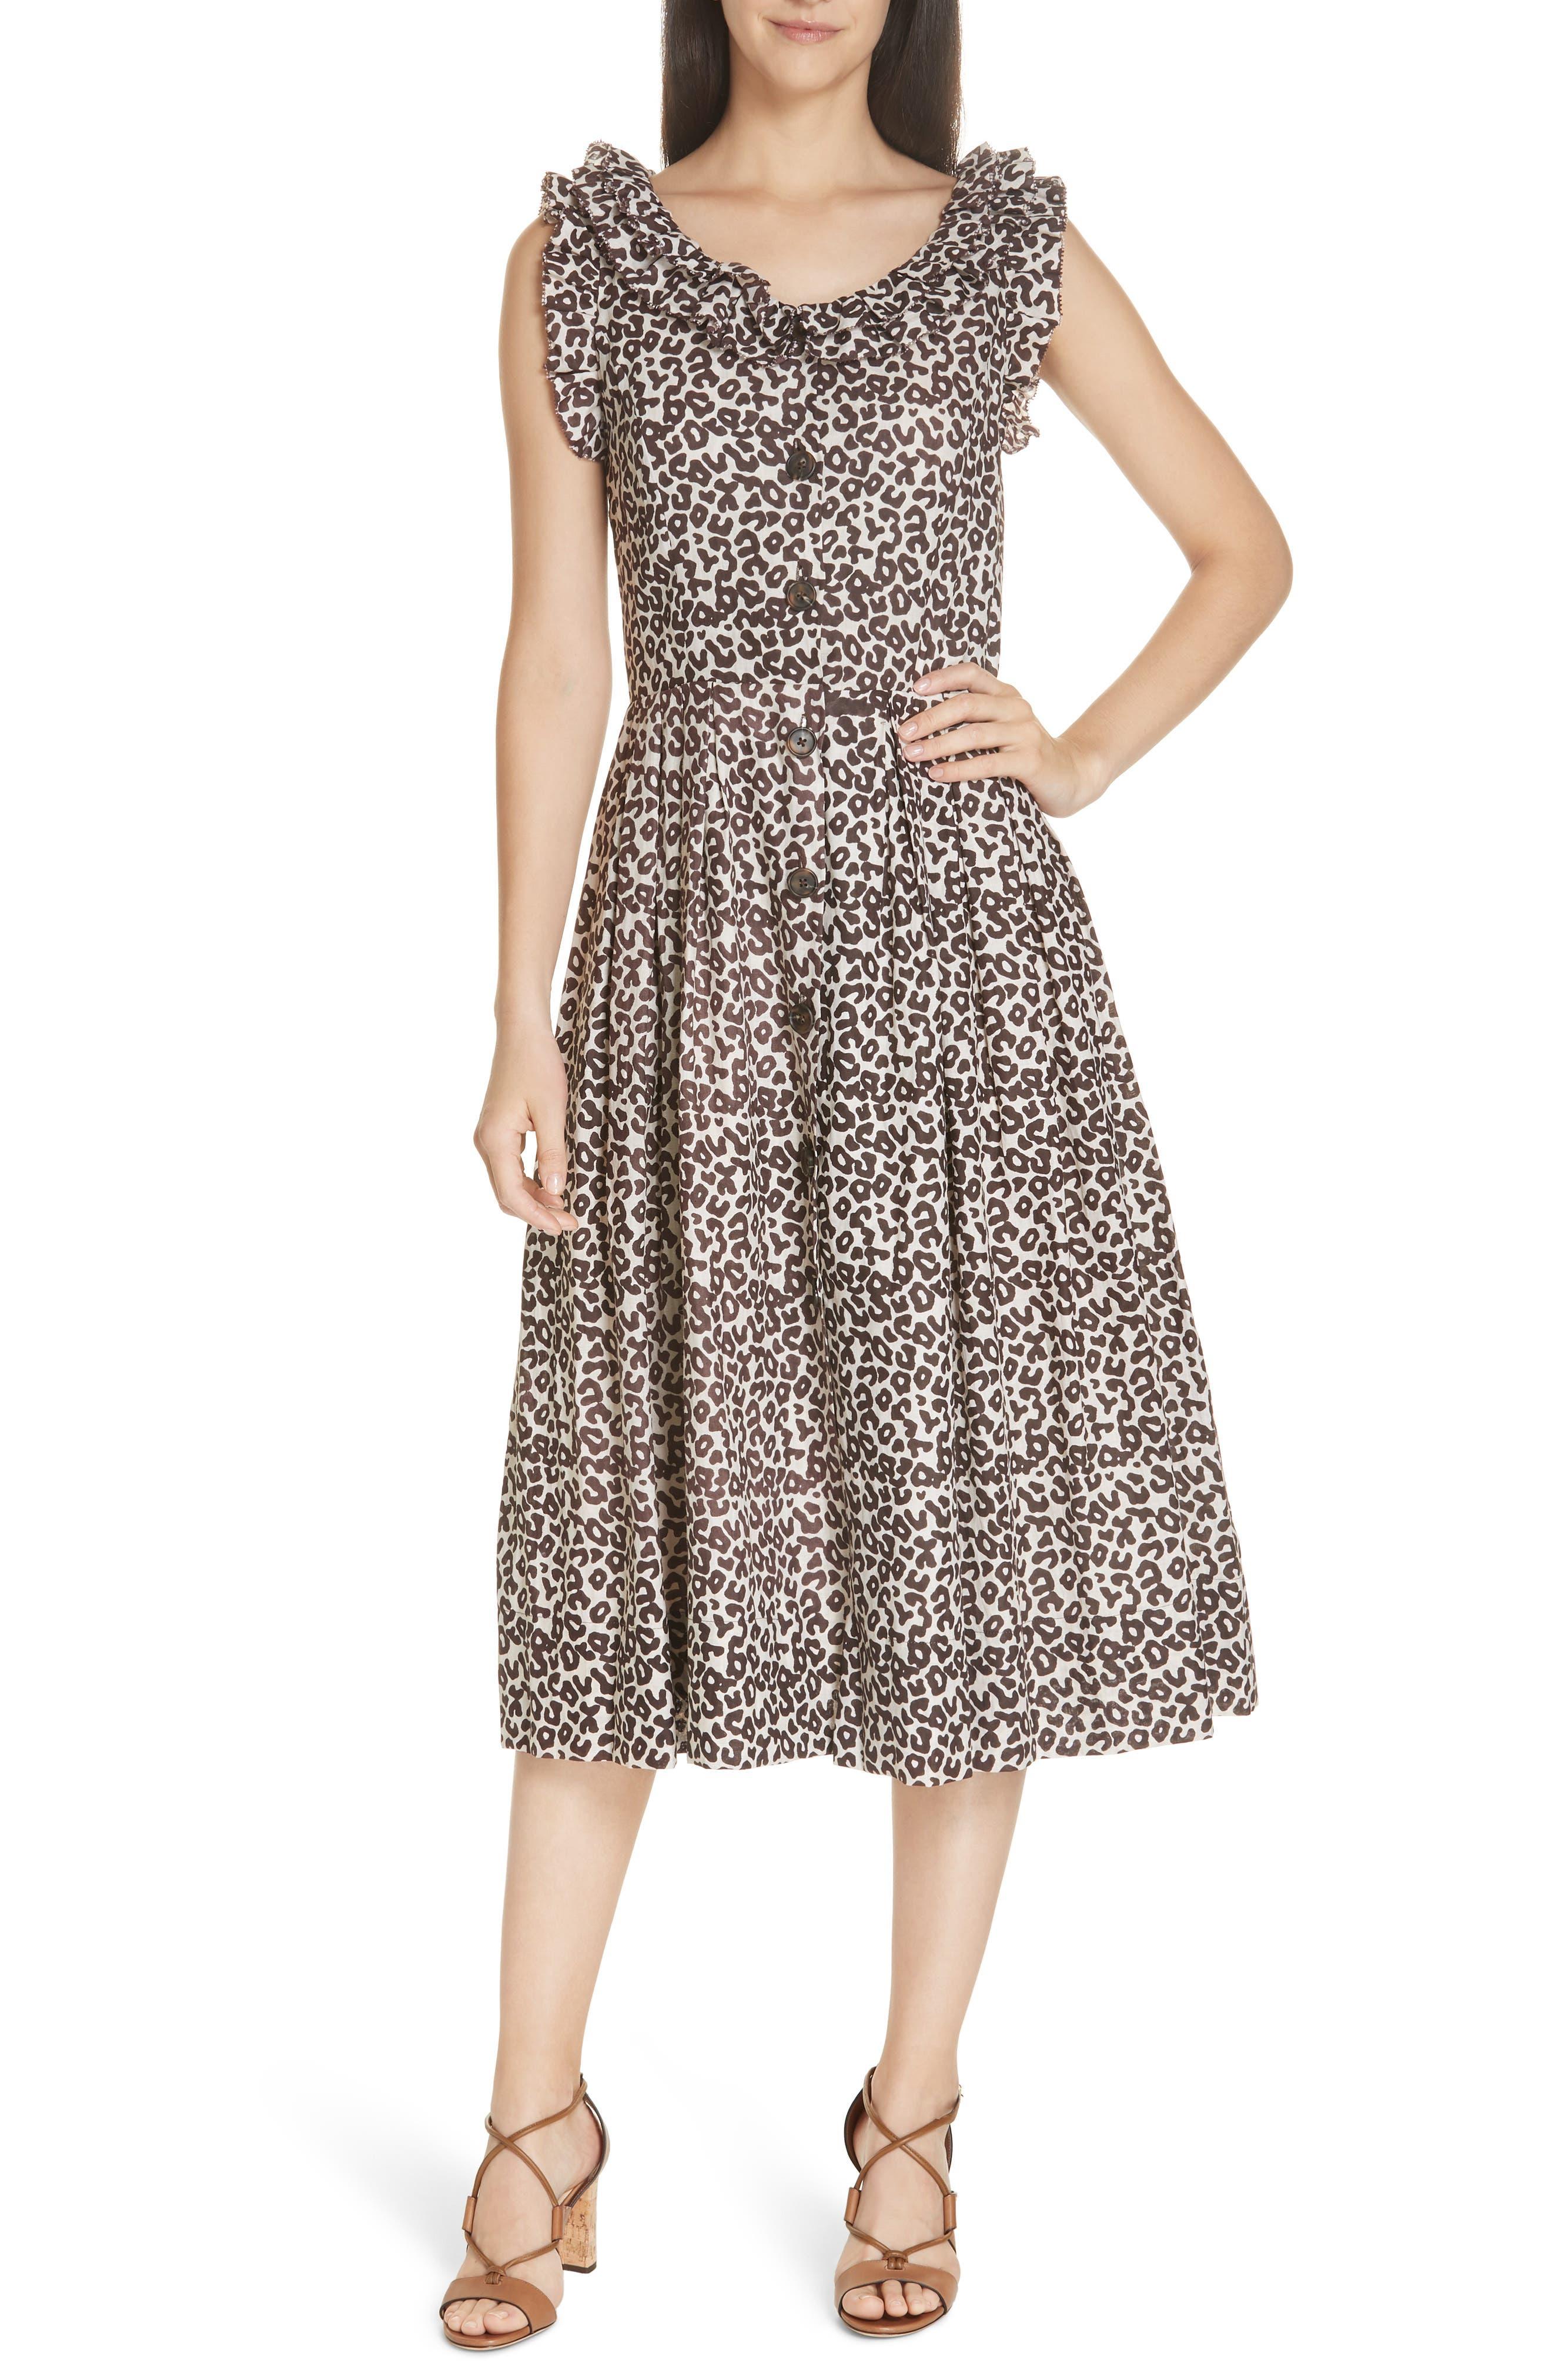 Sea Lottie Leopard Print Dress, Beige